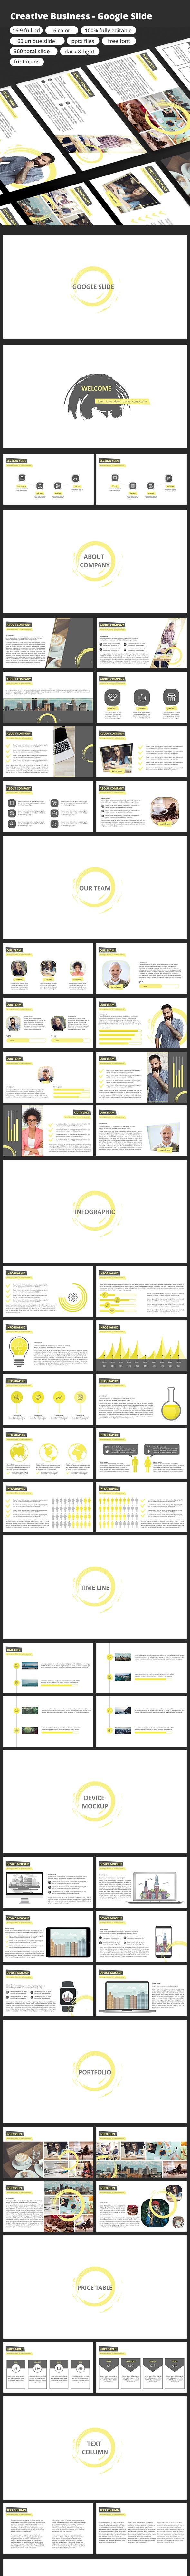 Creative Business - Google Slide - Google Slides Presentation Templates